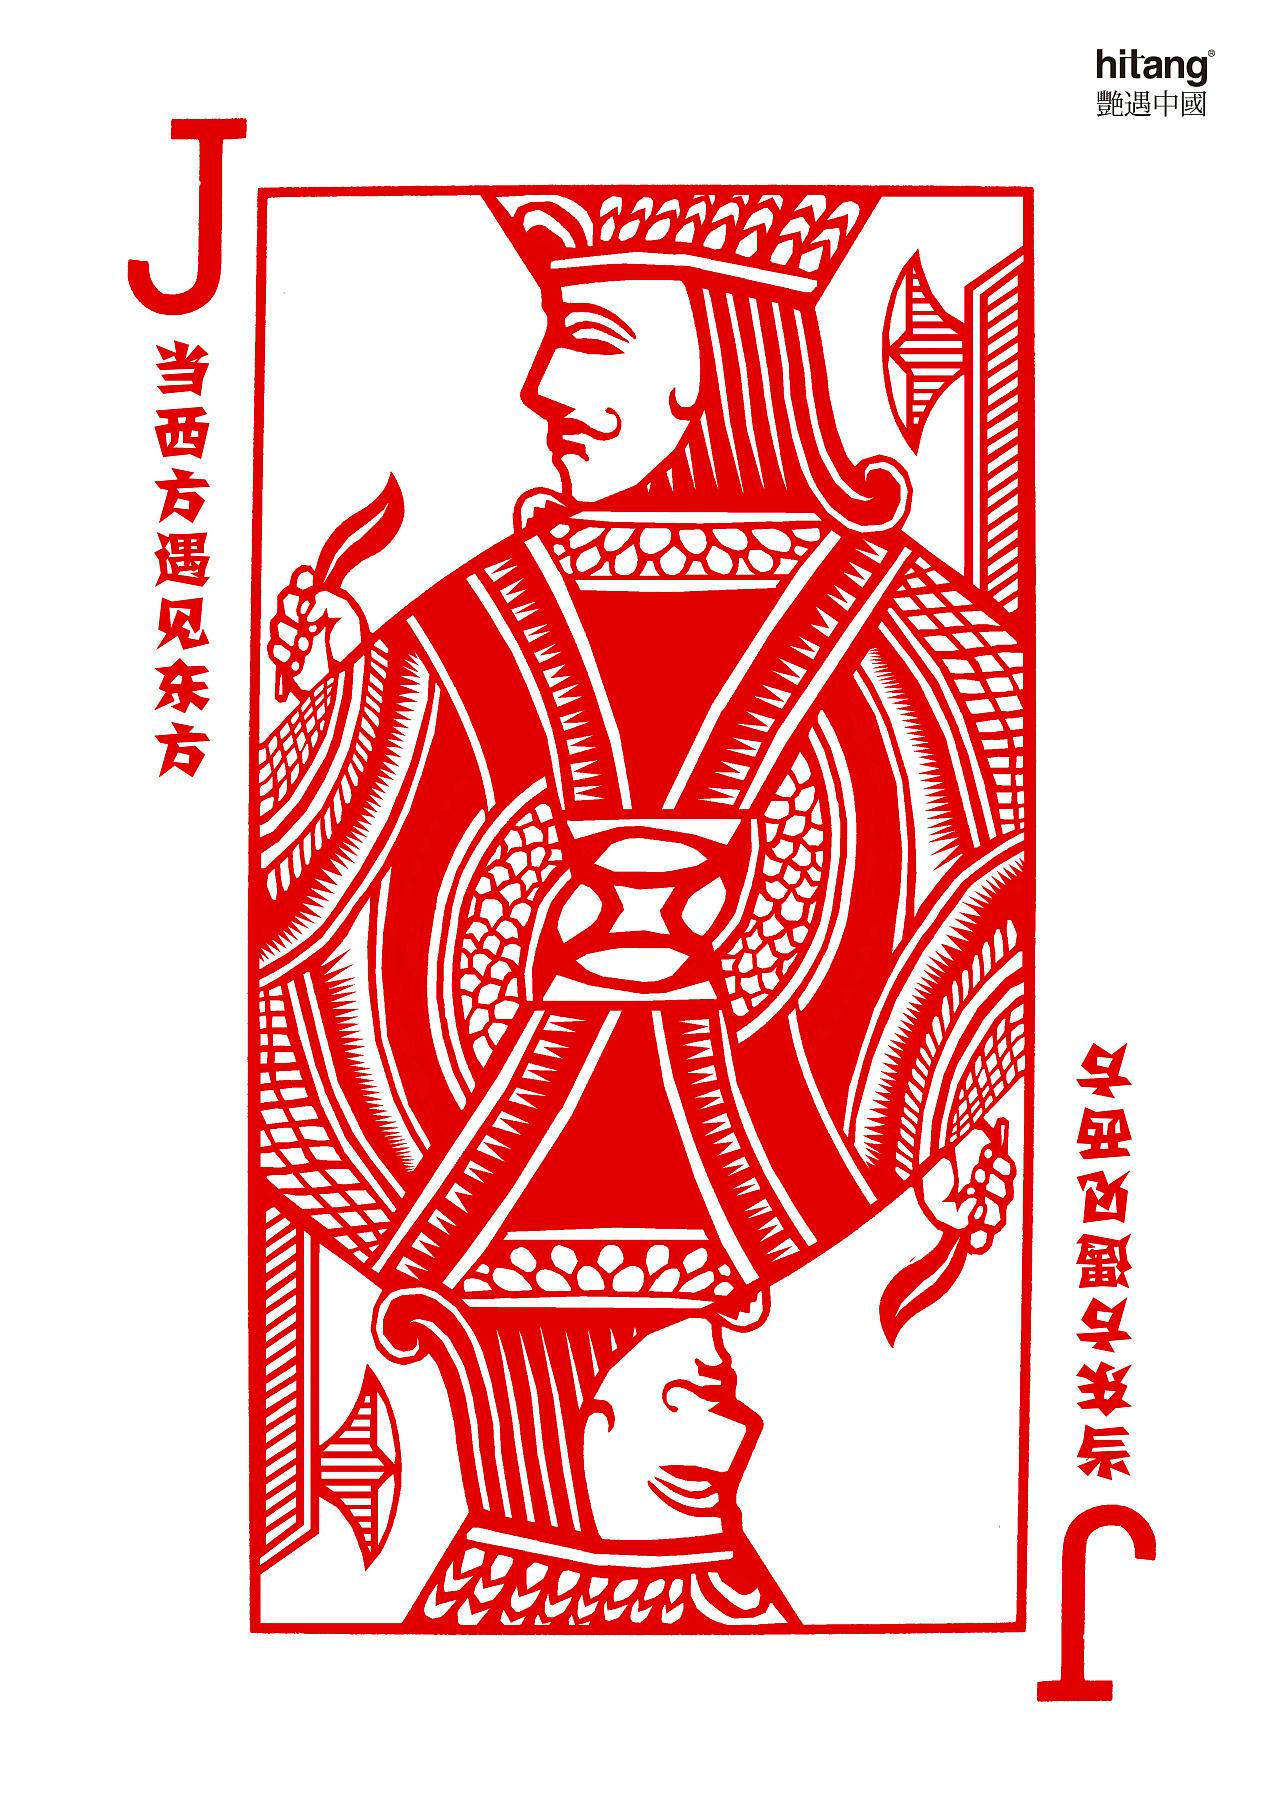 将中国传统的剪纸的形式运用到西方扑克上图片